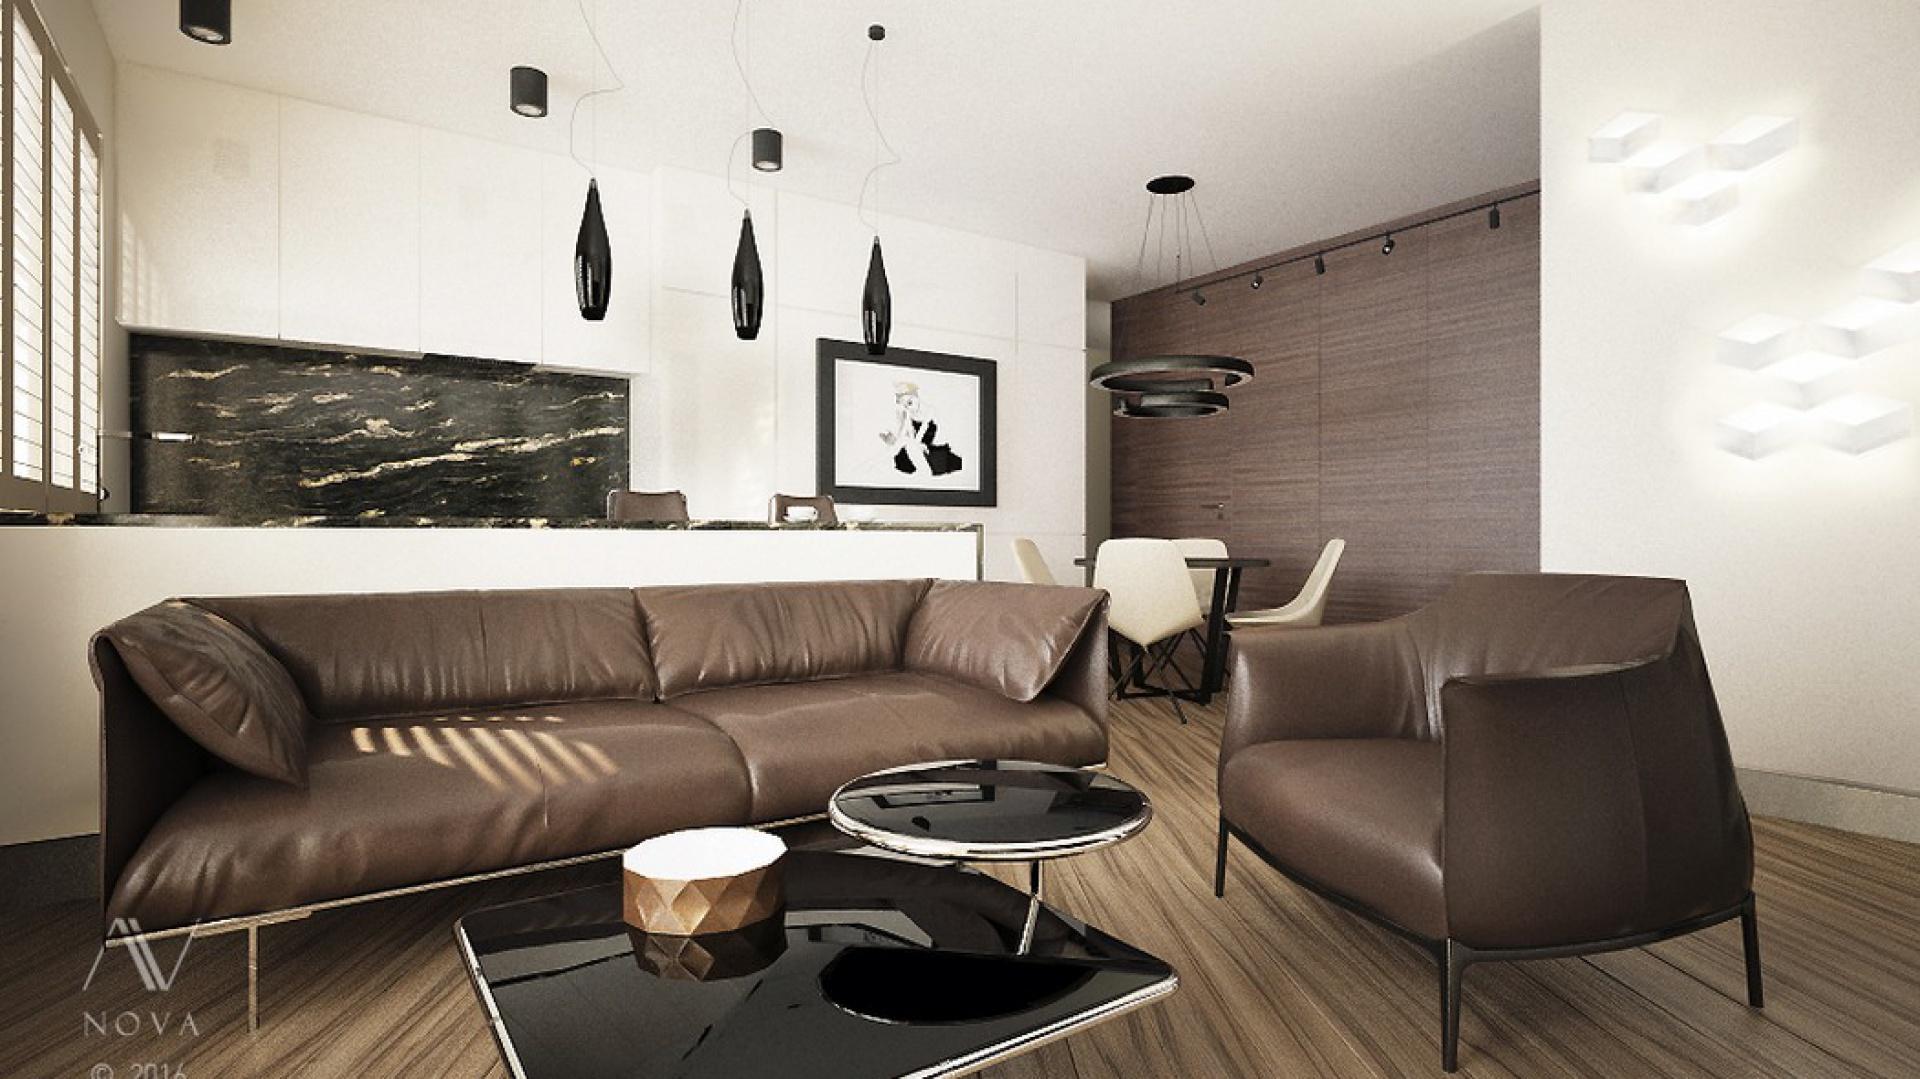 Proste formy, warto zestawić z designerskimi przedmiotami, które podkreślą nowoczesny styl naszego domu. Fot. Nova Wnętrza